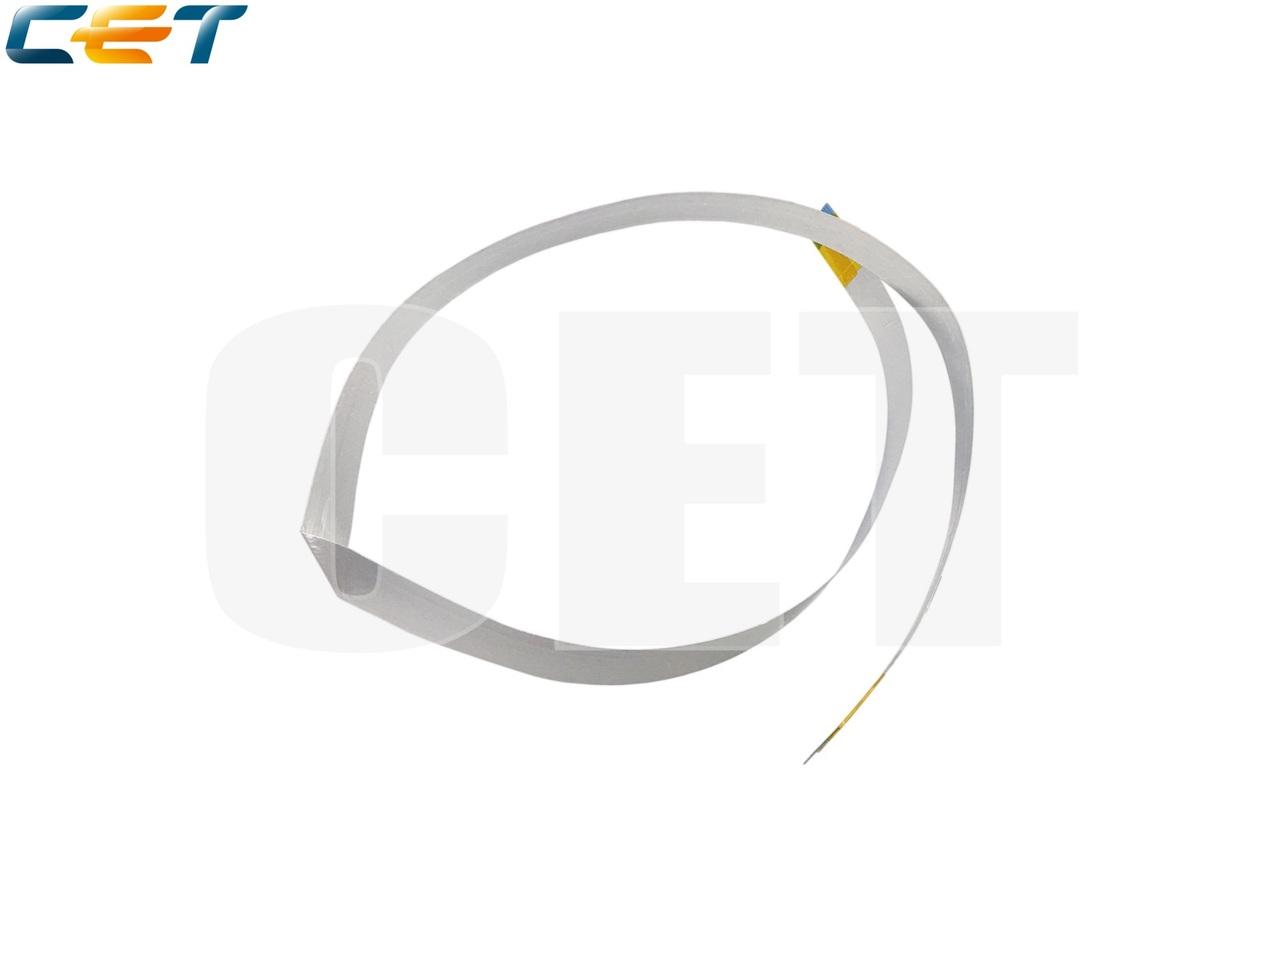 Шлейф сканера ADF 12 конт., 69 см JC39-00358A дляSAMSUNG SCX-4100/4200 (CET), DGP7505